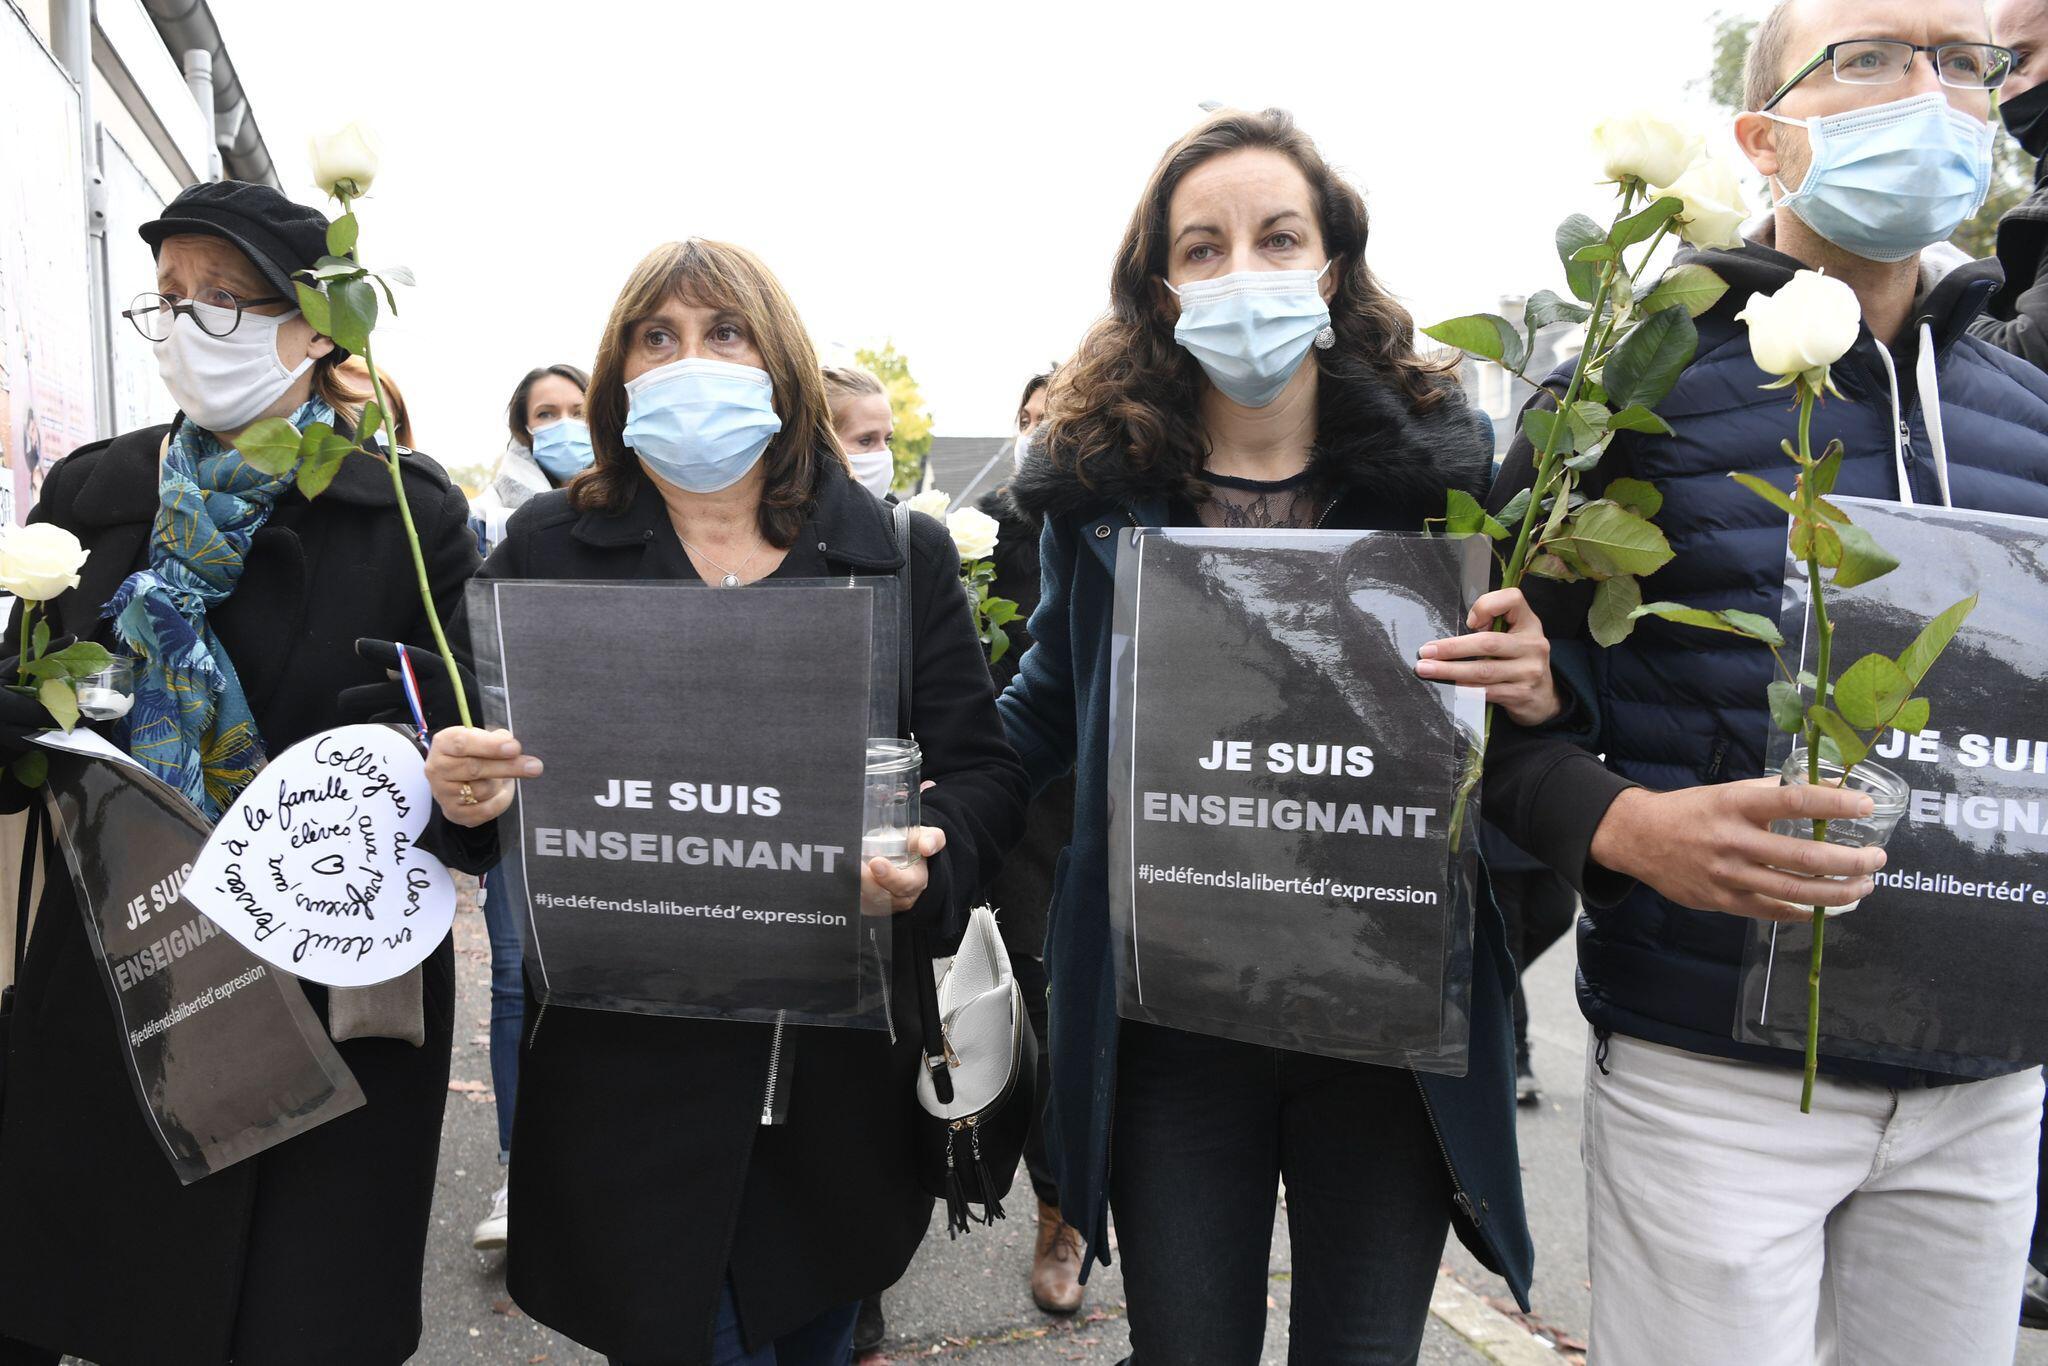 Bild zu Nach mutmaßlichem Terrorakt auf Lehrer bei Paris